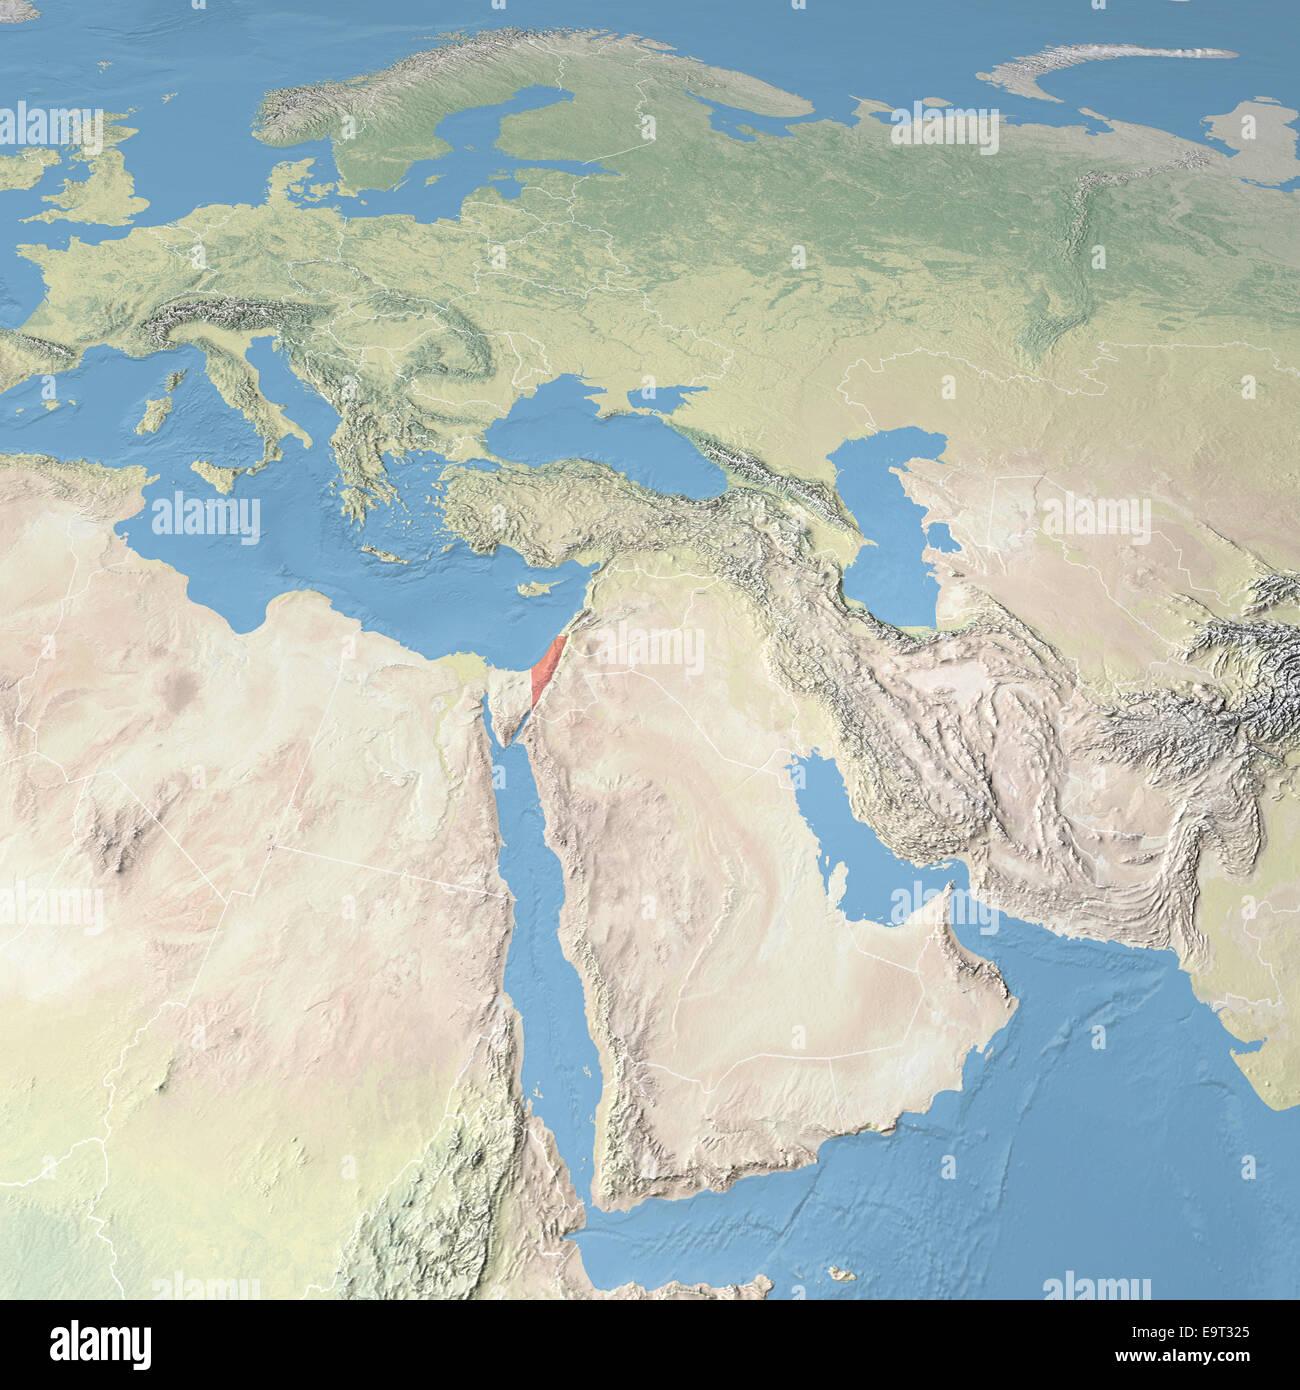 Nahost Karte.Karte Von Europa Asien Und Nahost Elemente Dieses Bildes